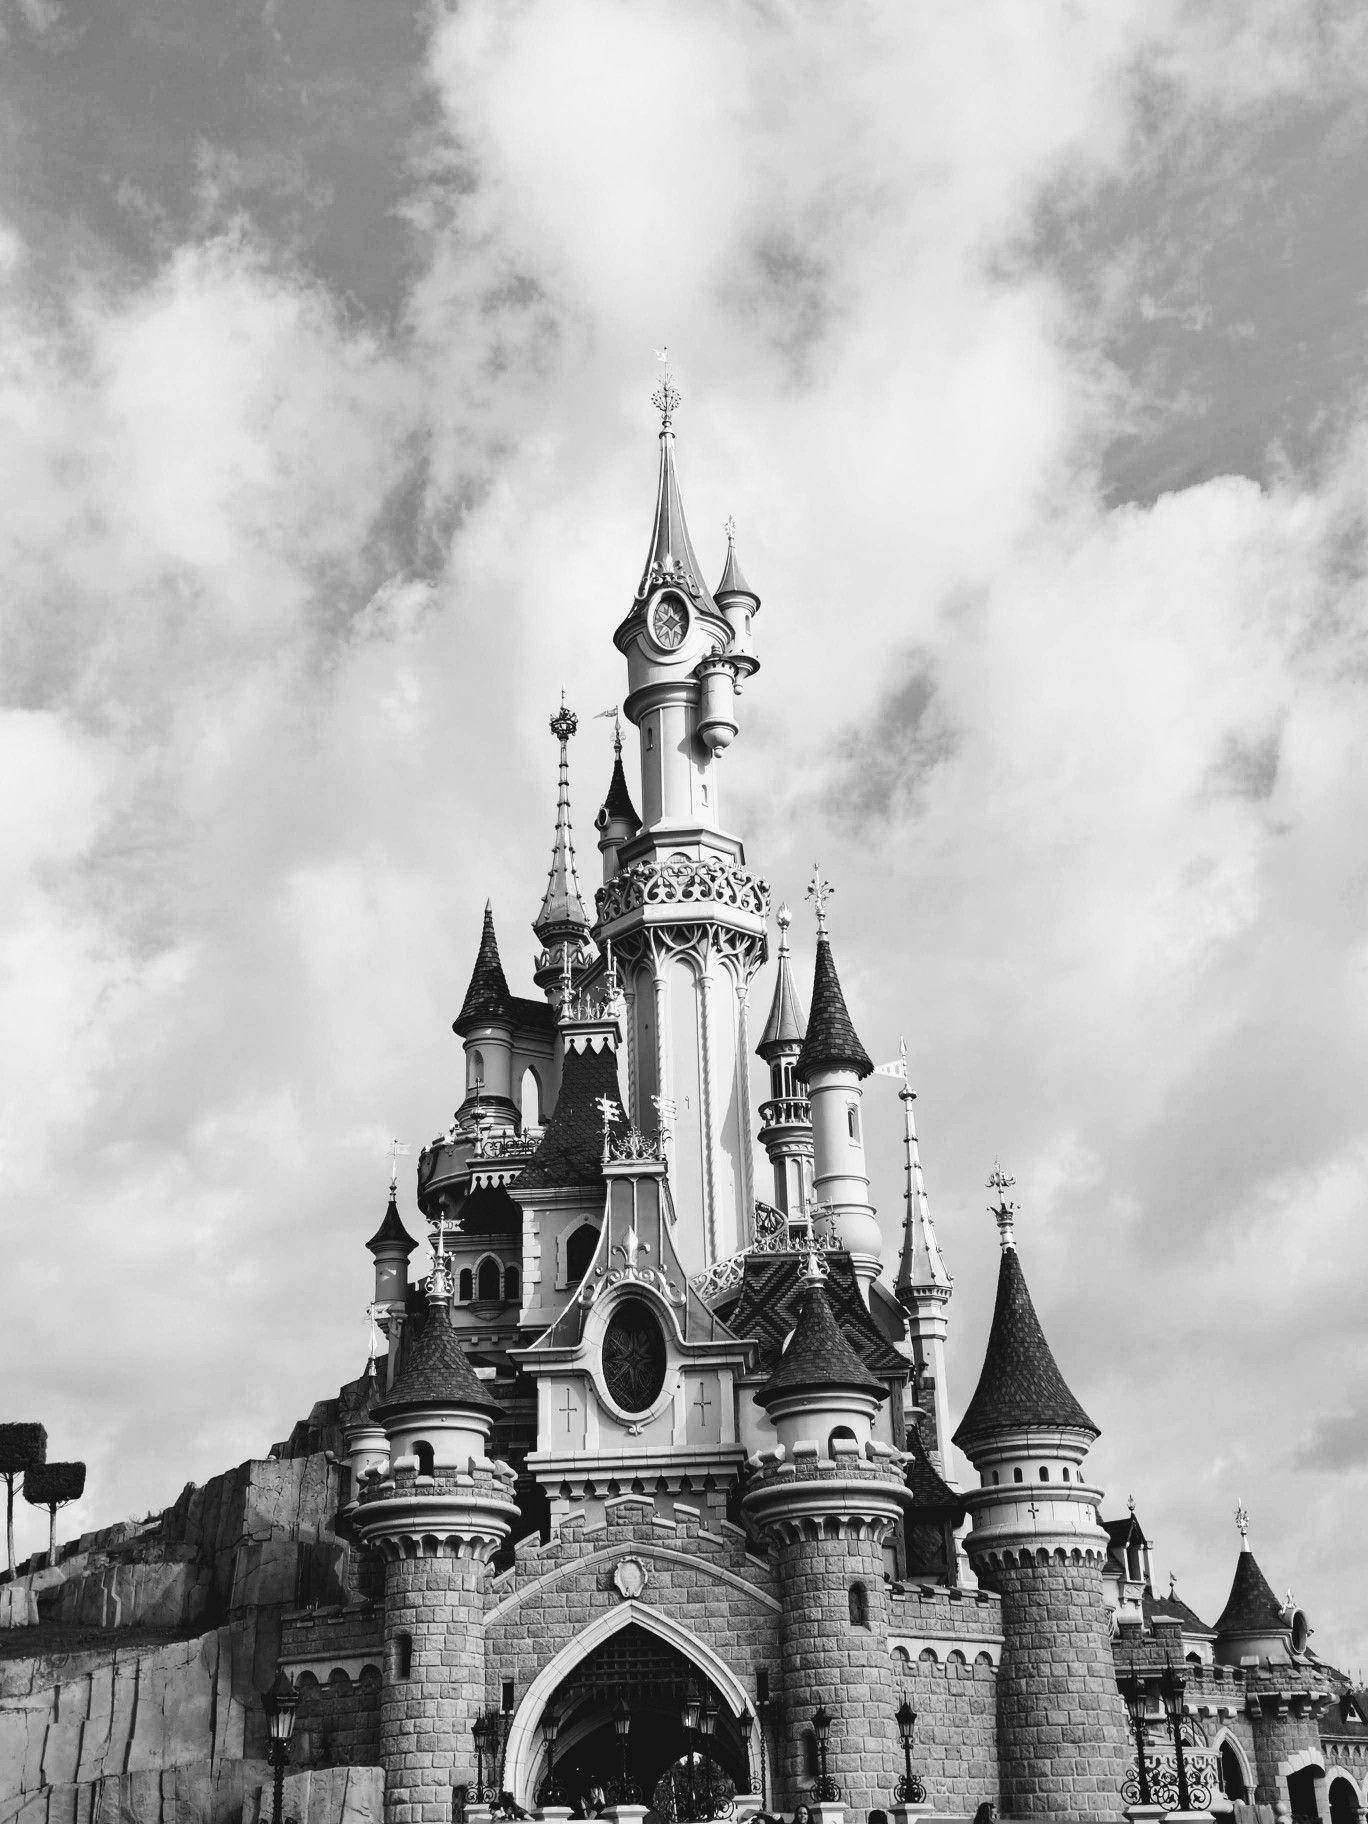 Chateau Disneyland Paris Photo Noir Et Blanc Noir Et Blanc Photo En Noir